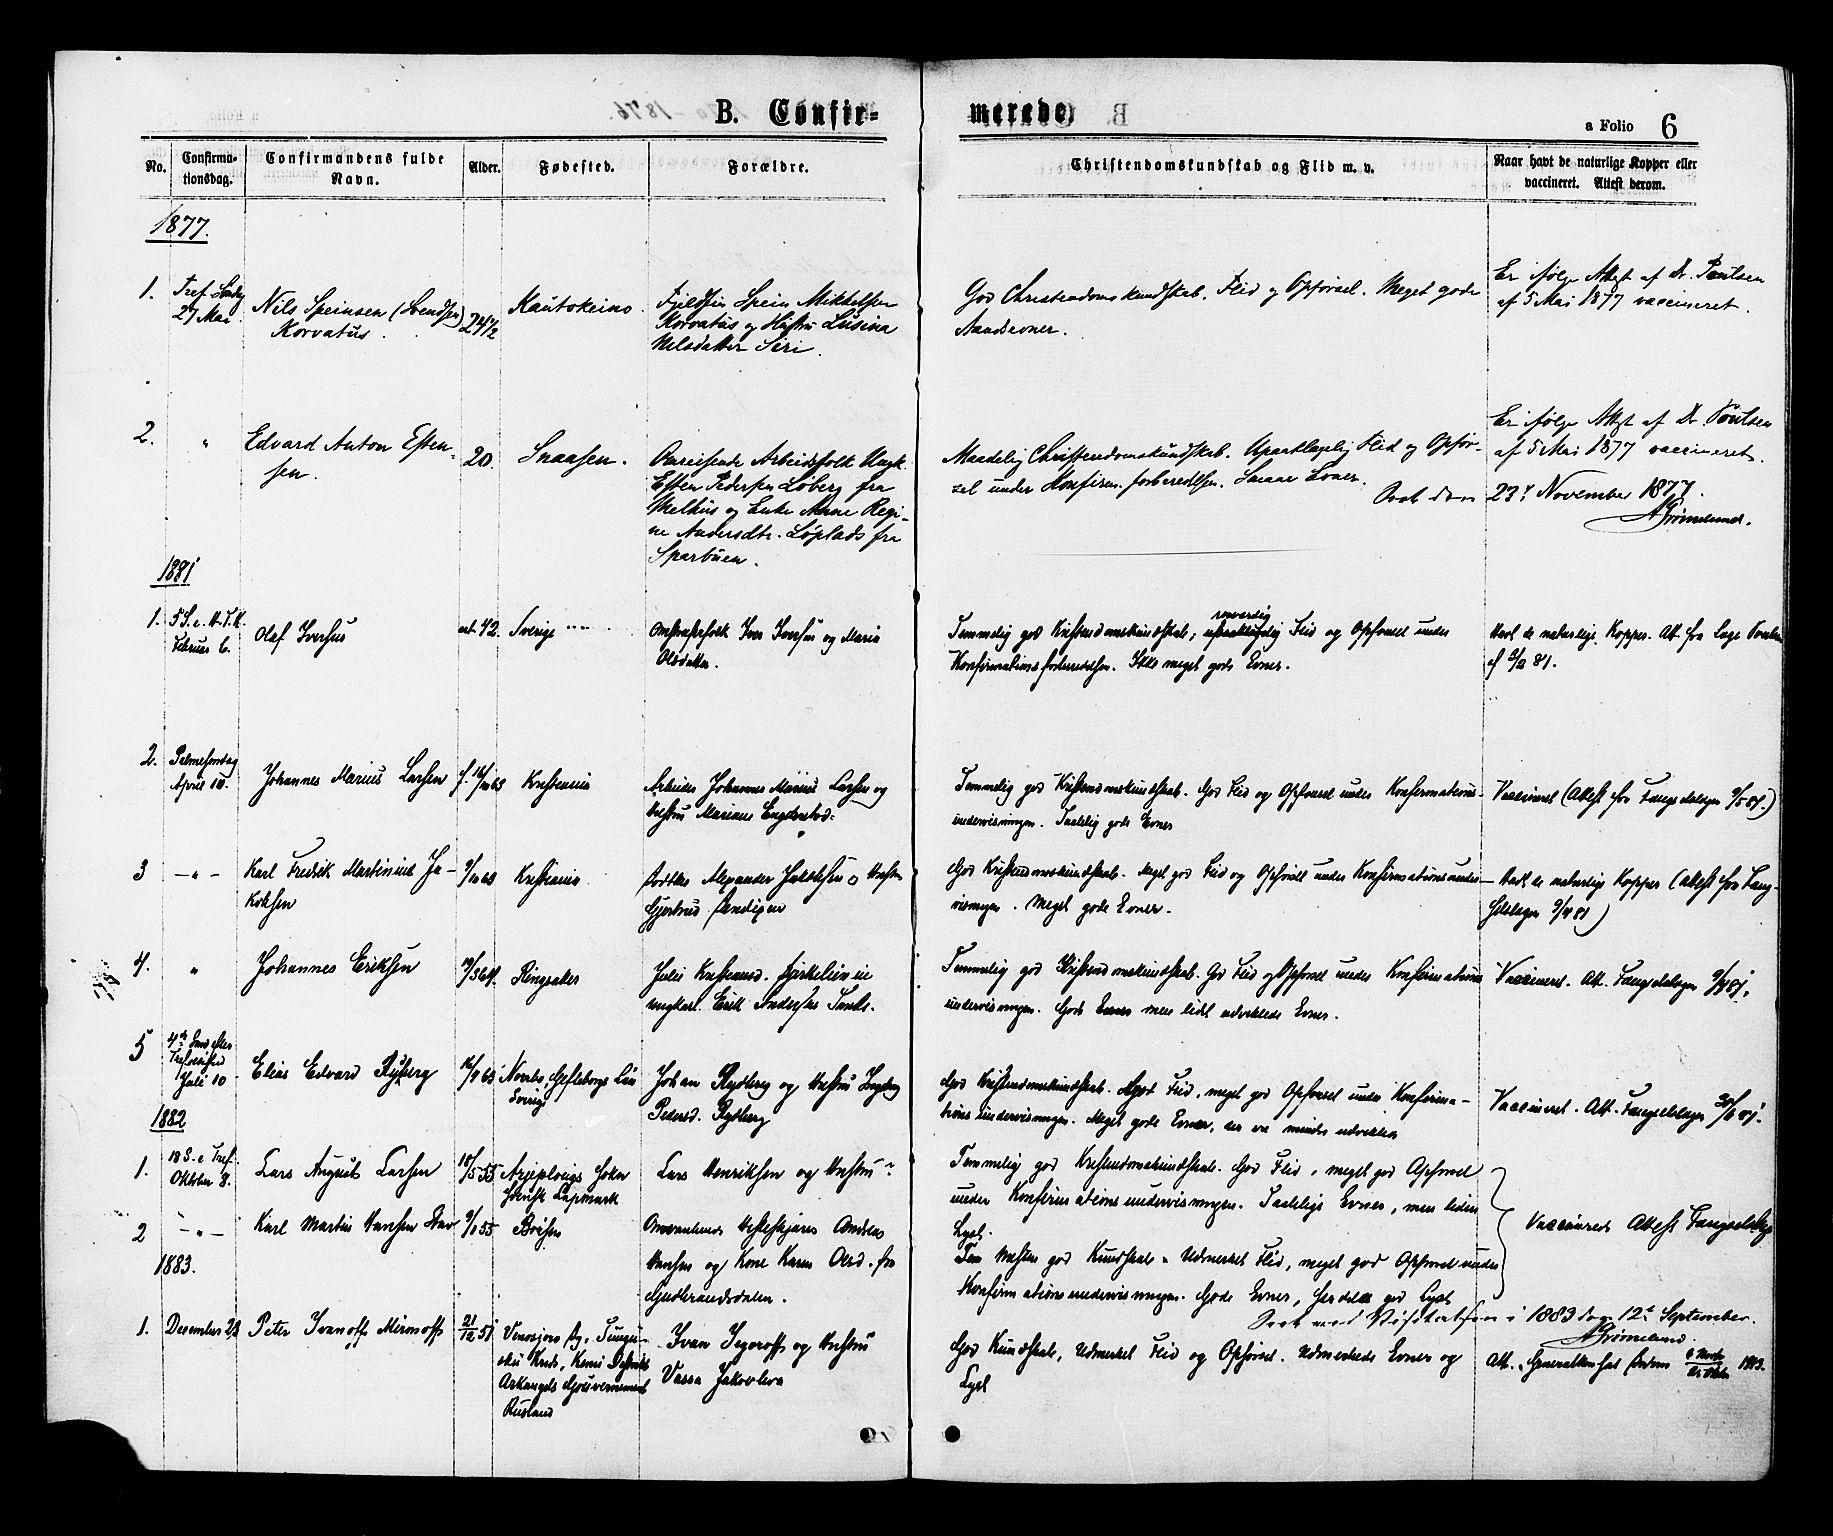 SAT, Ministerialprotokoller, klokkerbøker og fødselsregistre - Sør-Trøndelag, 624/L0482: Ministerialbok nr. 624A03, 1870-1918, s. 6